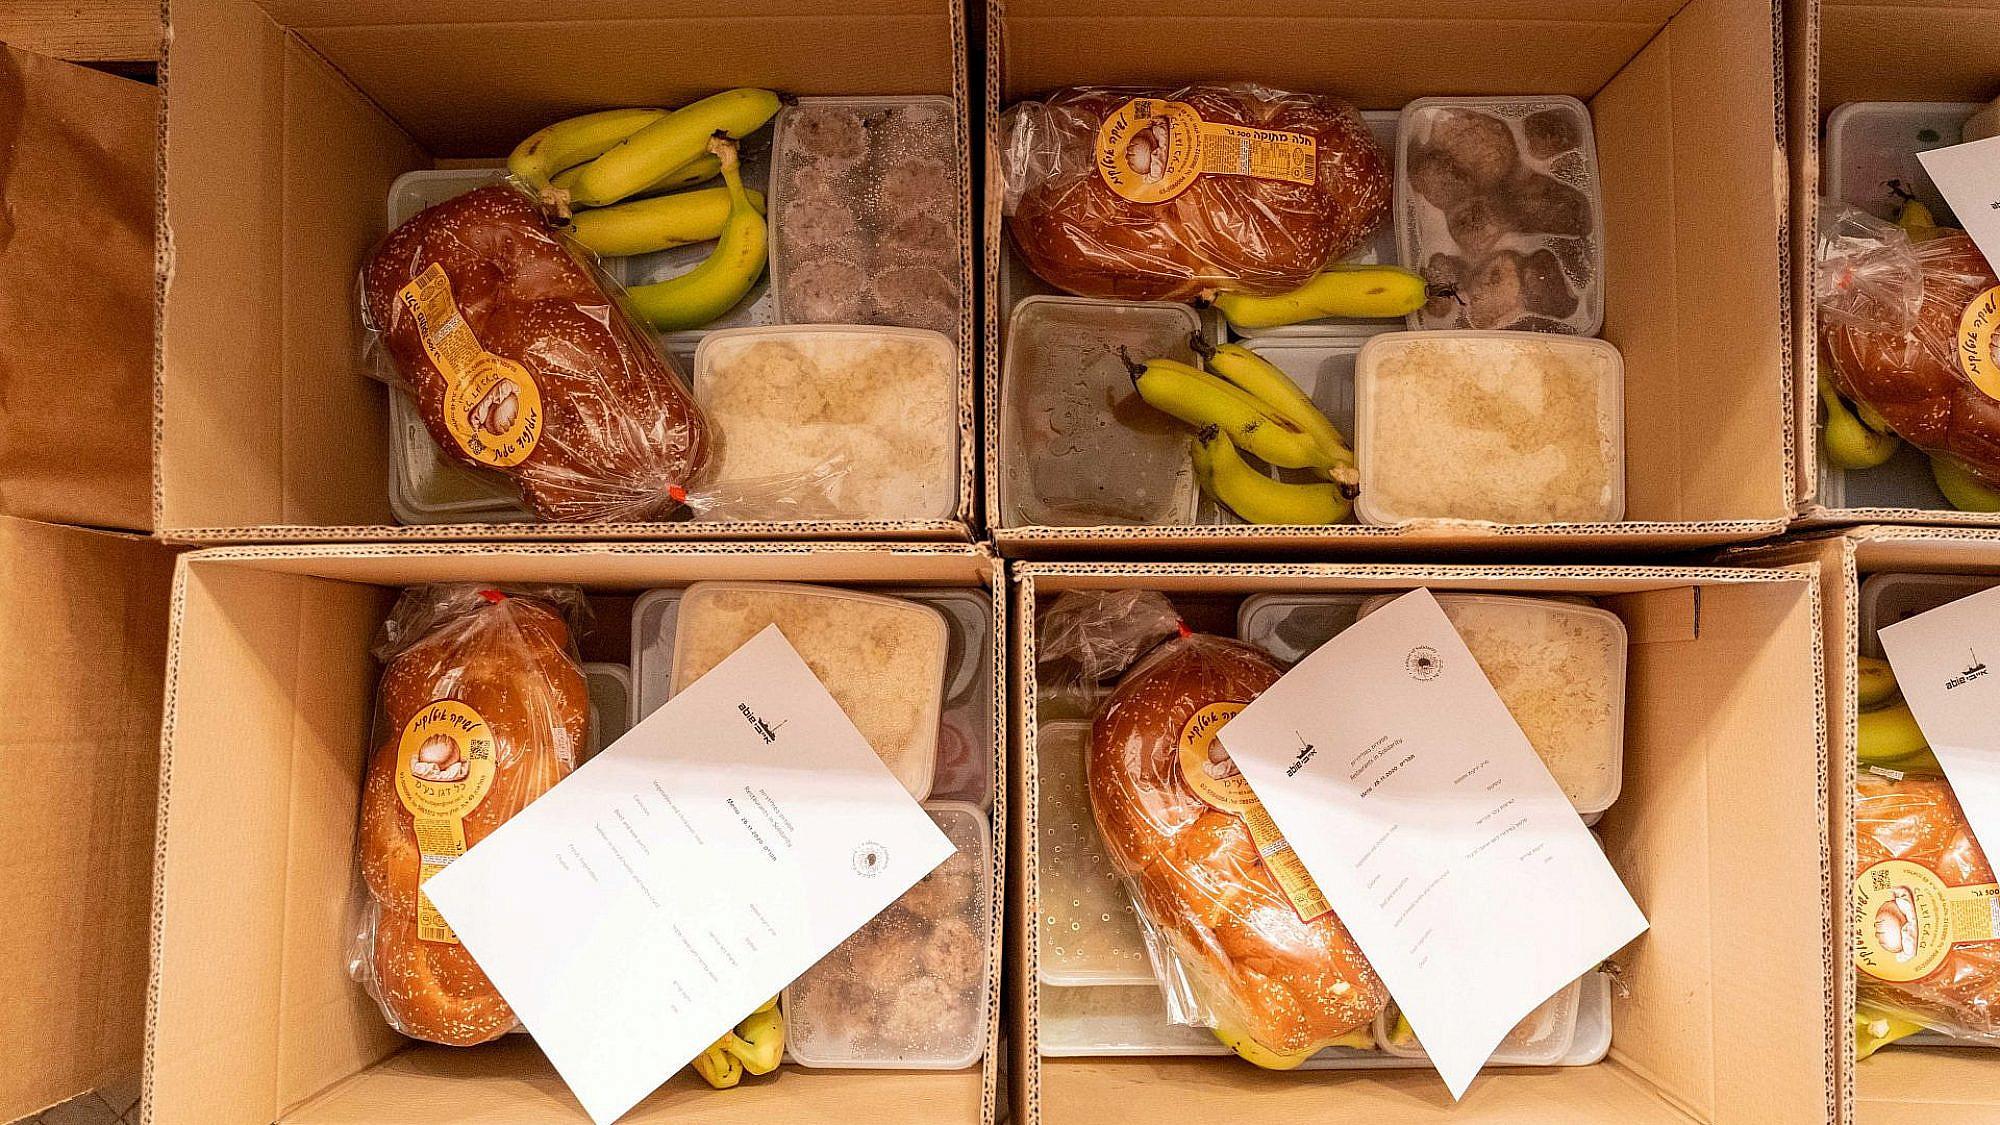 חבילות המזון. צילום: עומר פרידמן